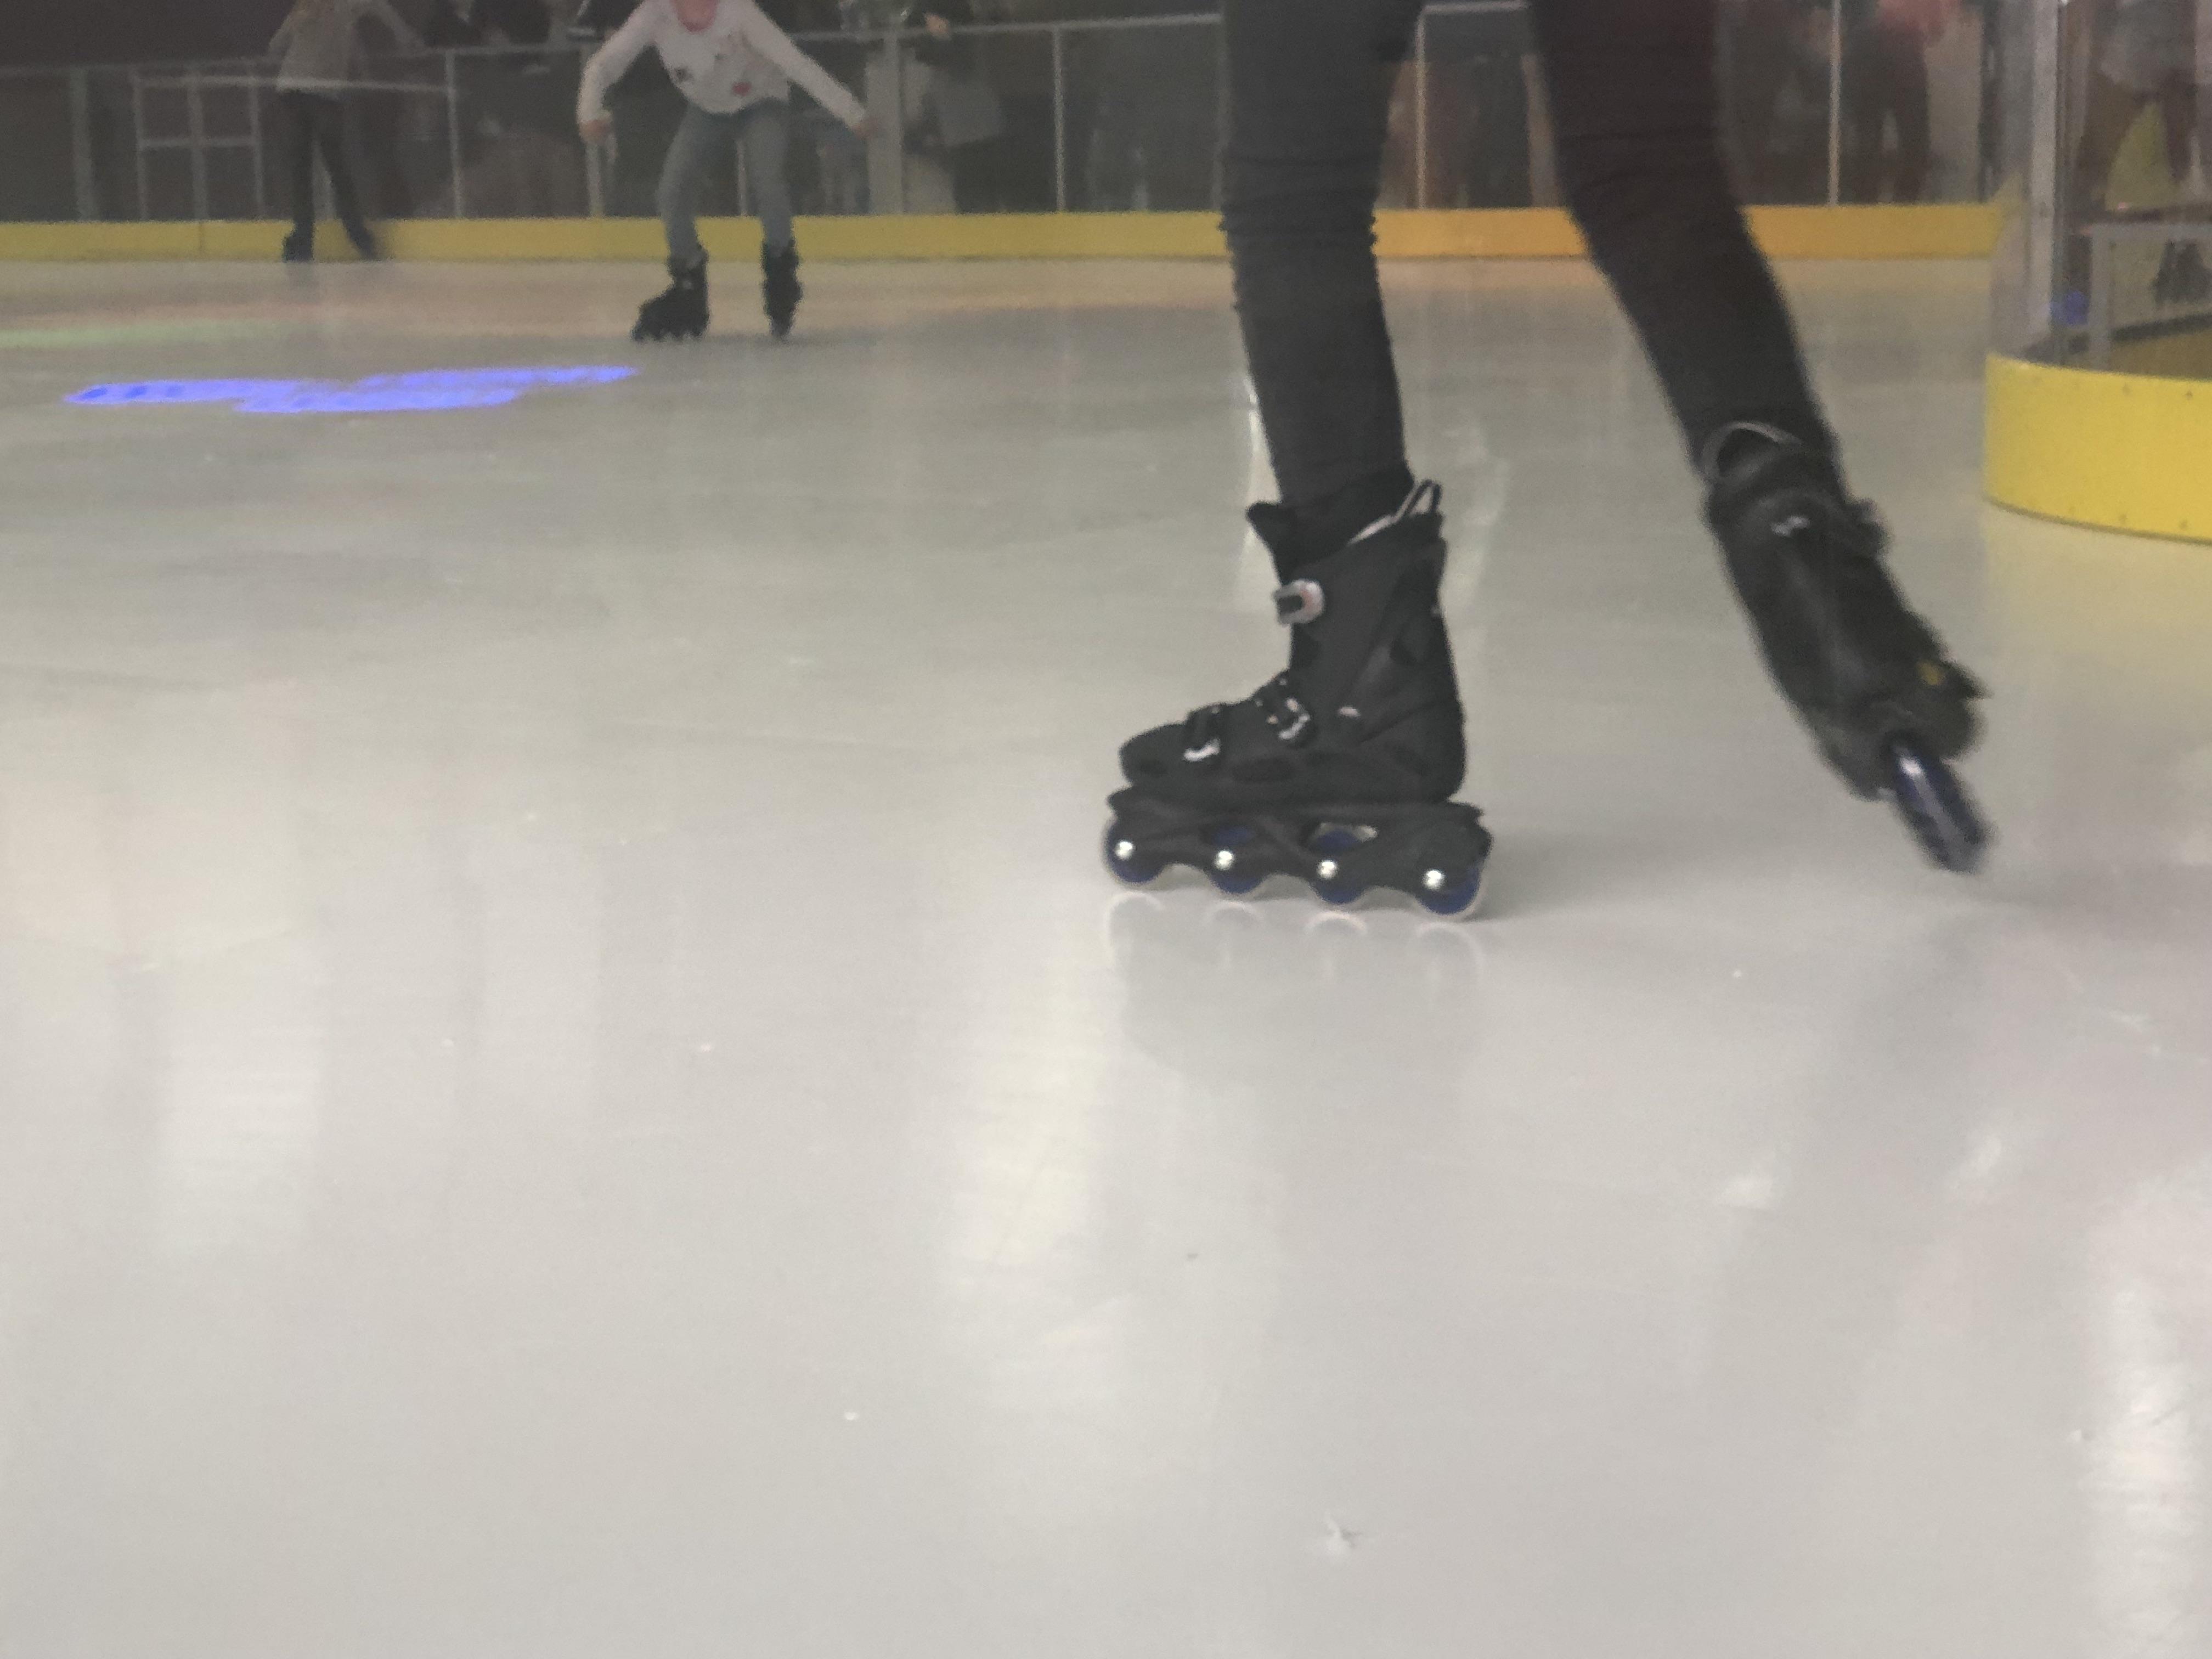 La patinoire n'est pas en glace... mais en synthétique